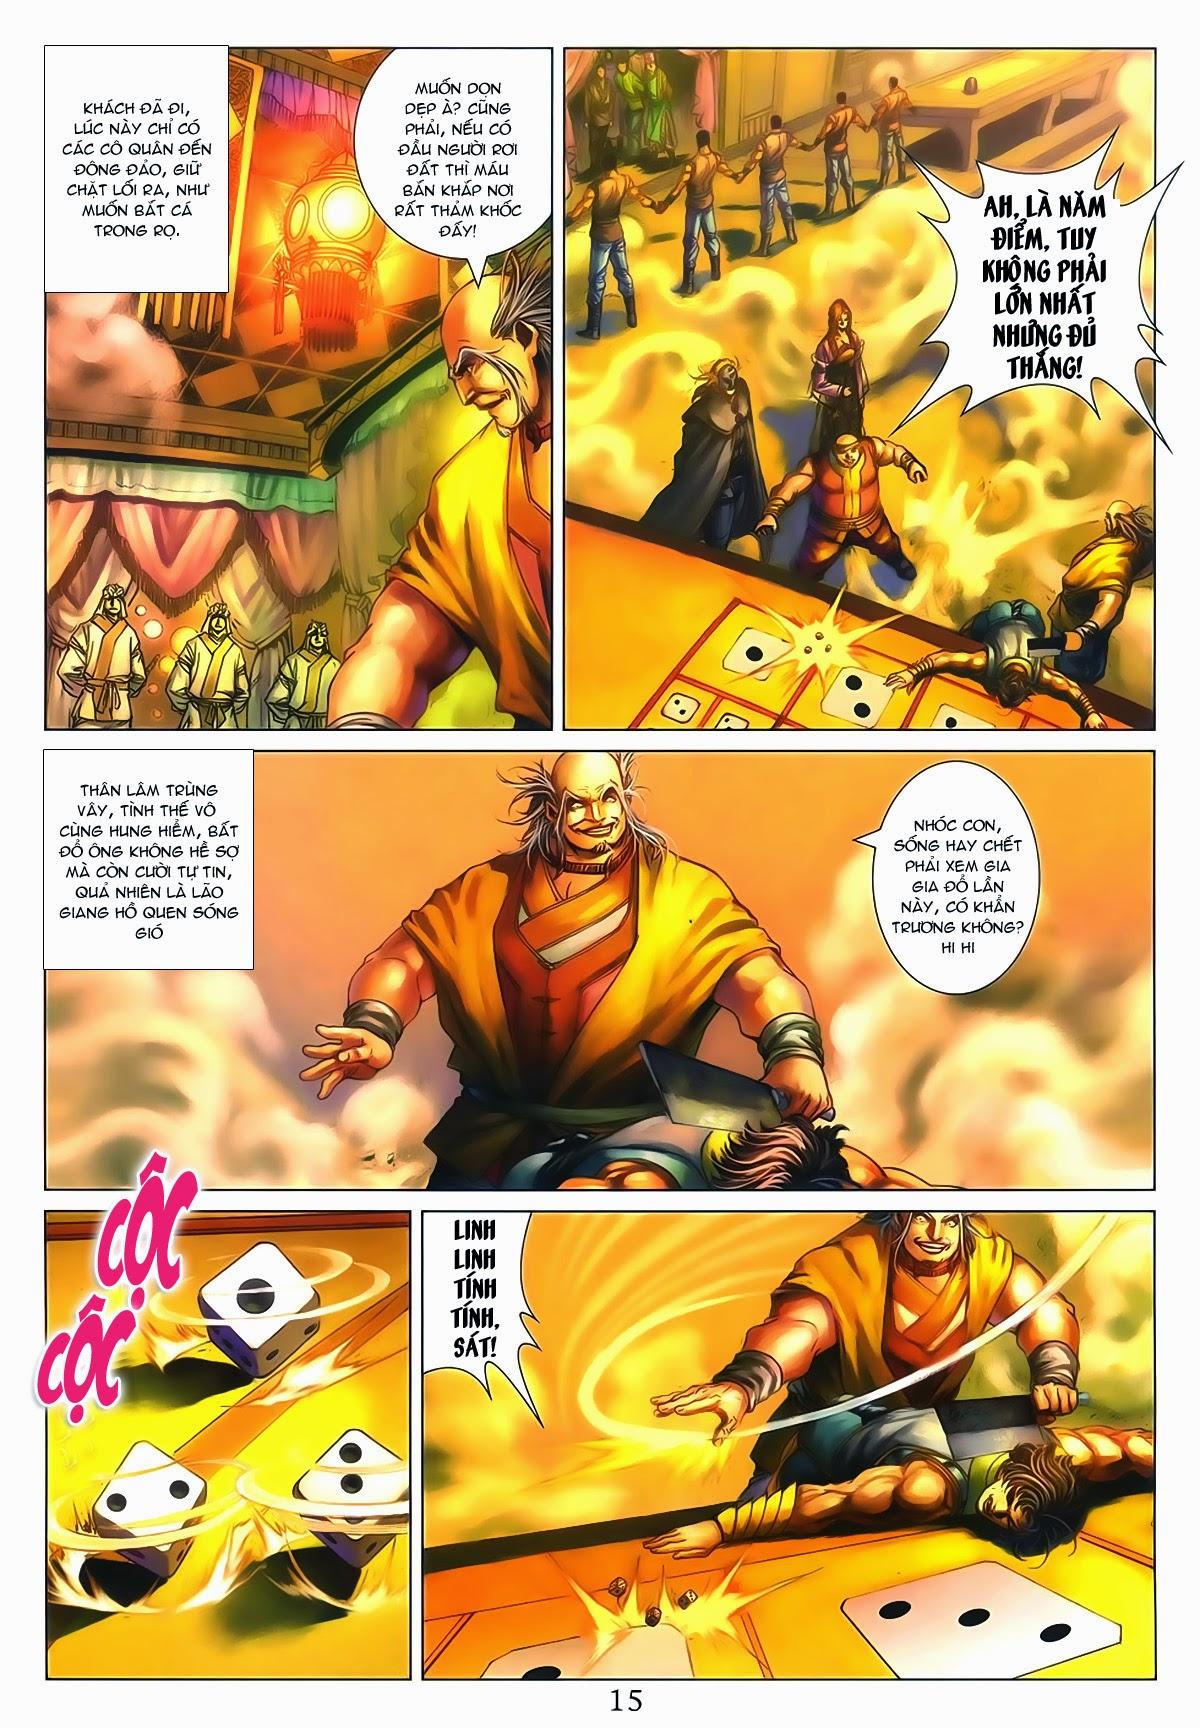 Tứ Đại Danh Bổ Chap 286 - Trang 15